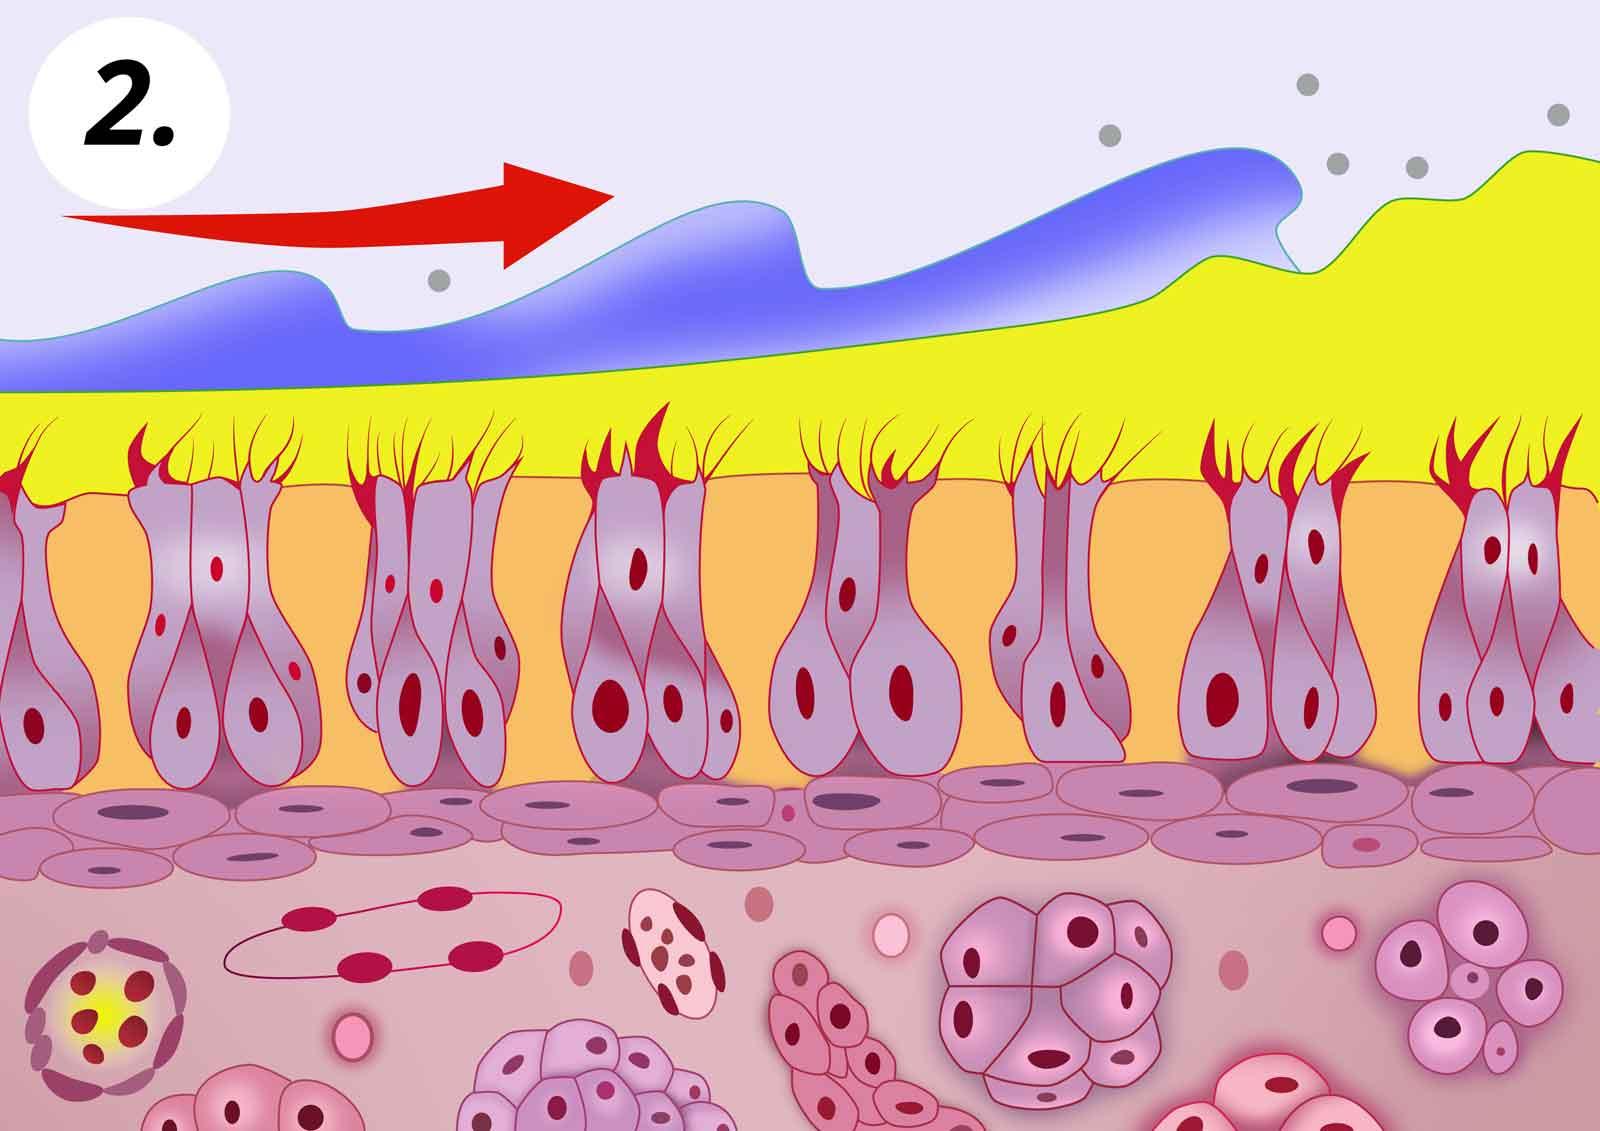 2. Az orrmosás (kék színnel jelzett orrmosó folyadék) kimossa/eltávolítja a váladékot.